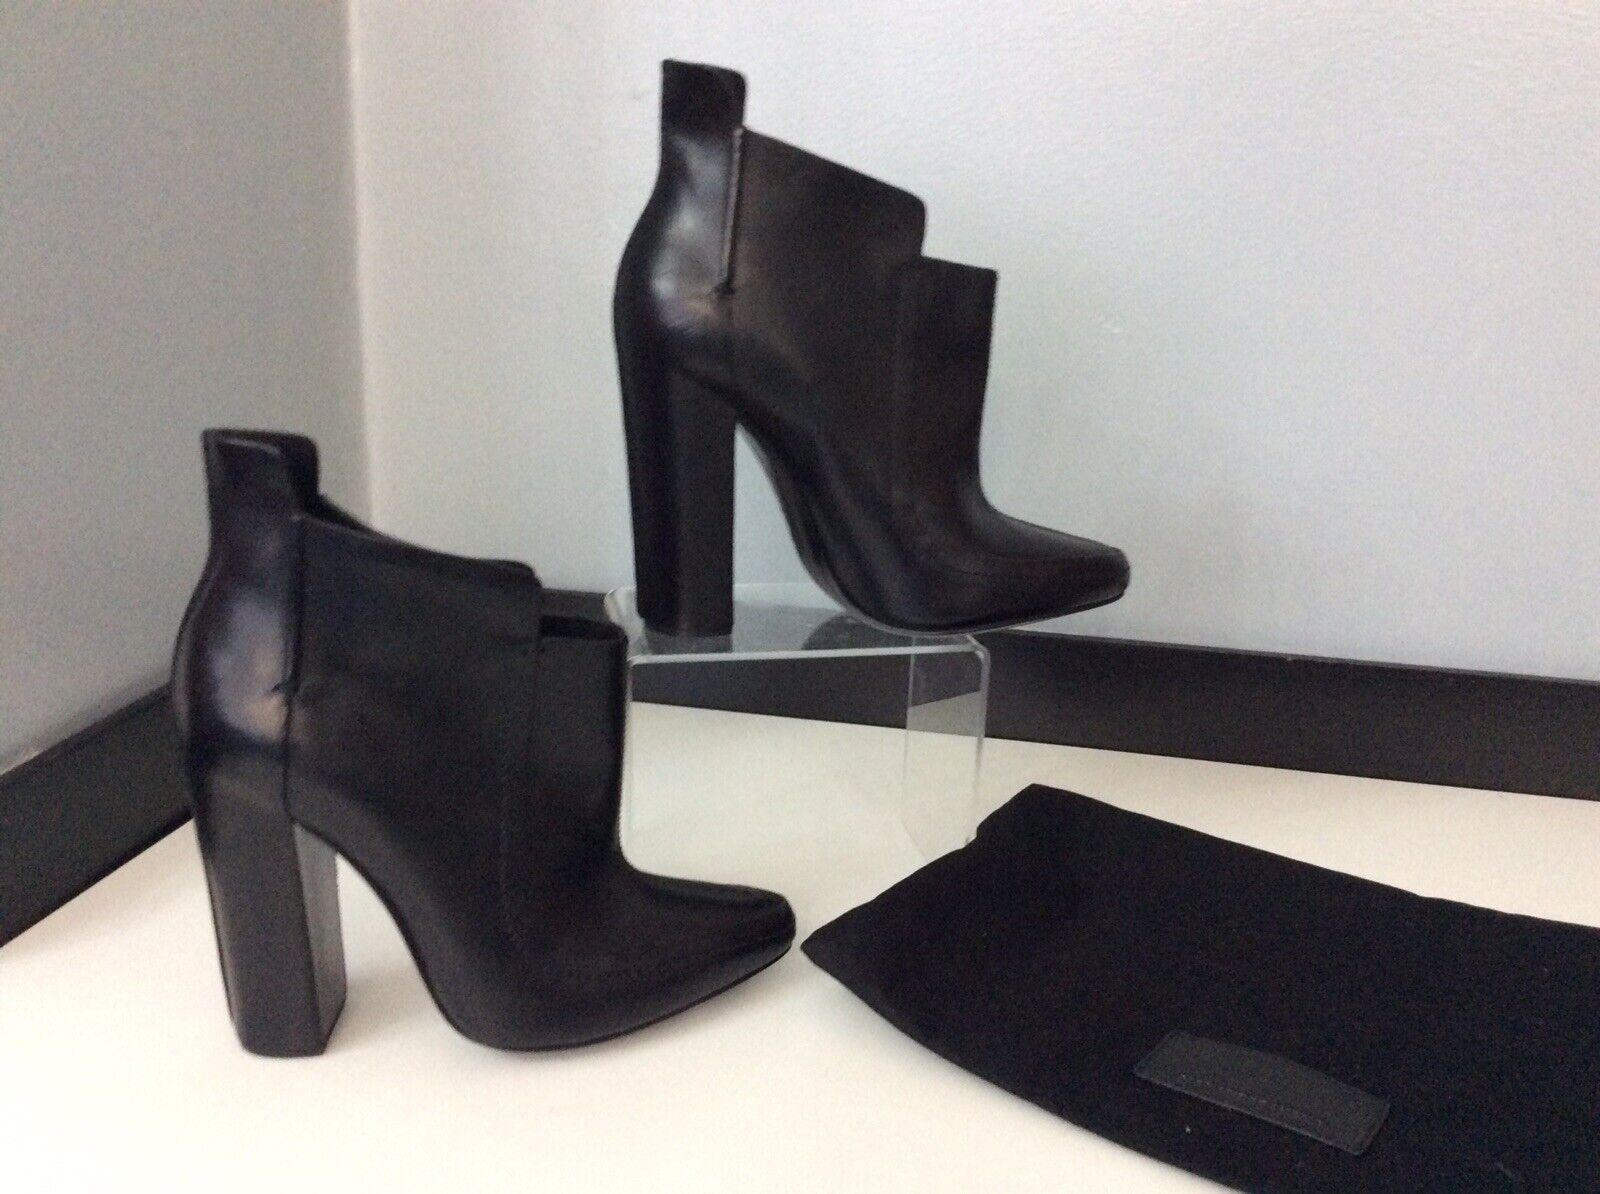 Alexander Wang Nuevo Negro Cuero Tobillo Tobillo Tobillo botas Talla 38 Reino Unido 5 BNWOB  servicio de primera clase